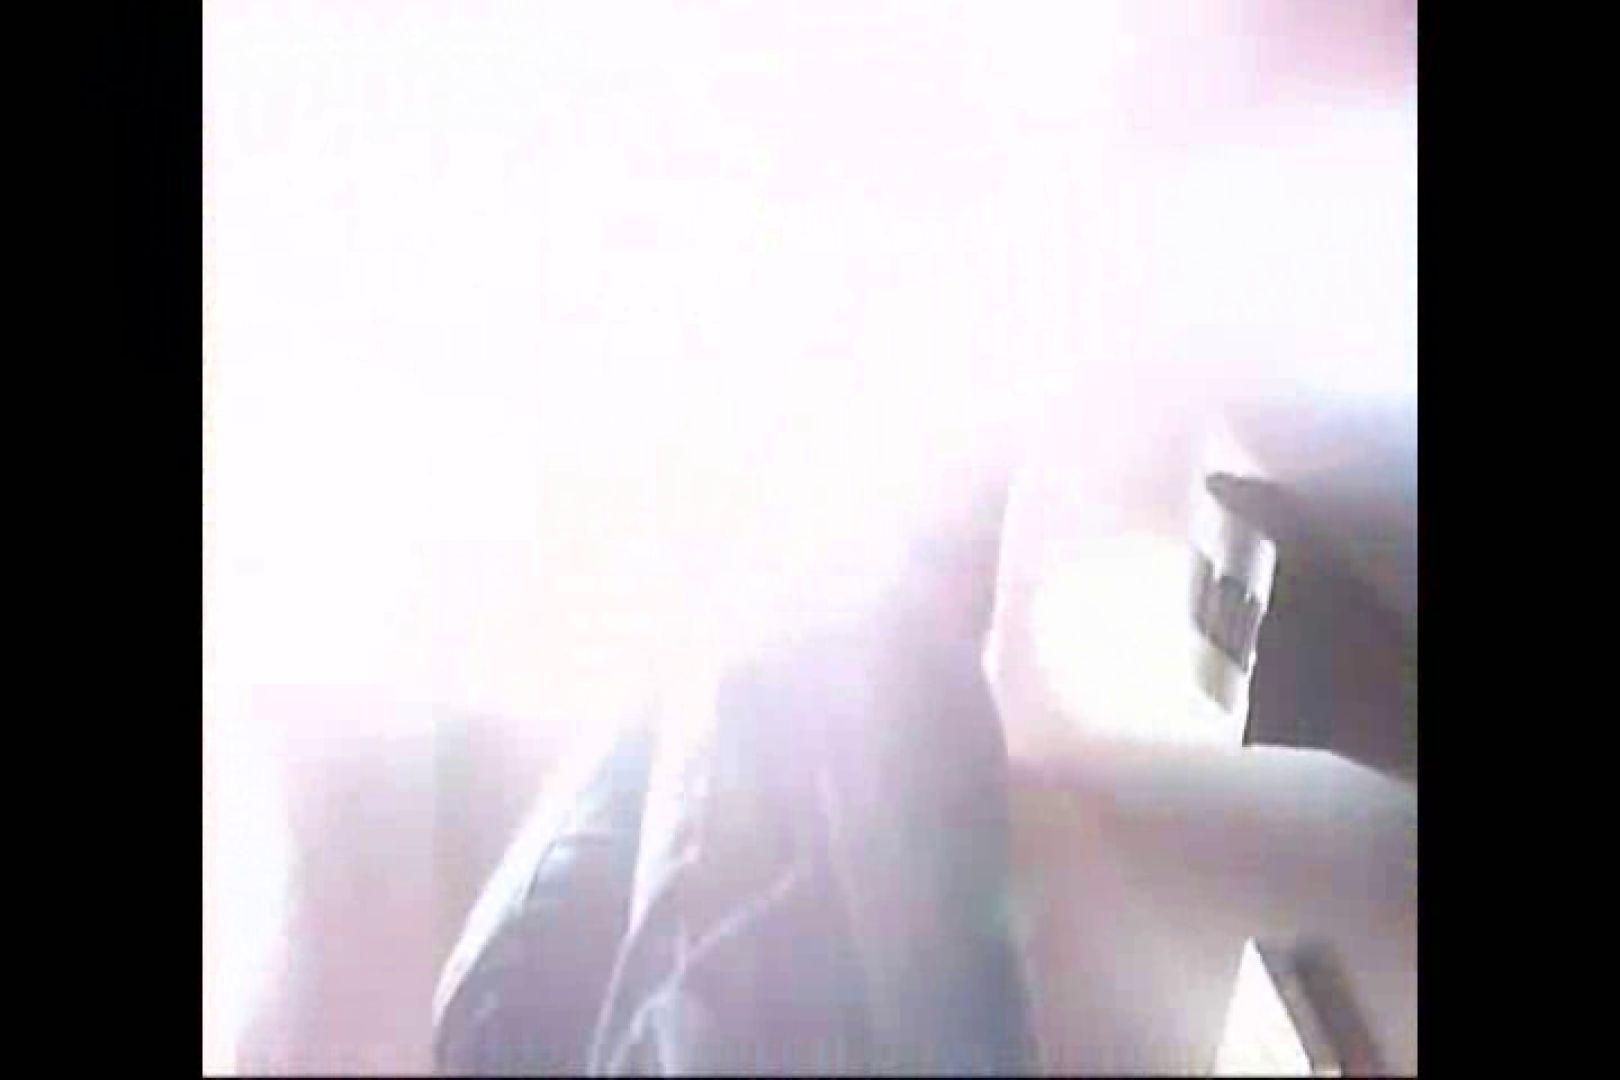 独占厠盗撮!バレません! vol.02 OLのエロ生活 スケベ動画紹介 103連発 32